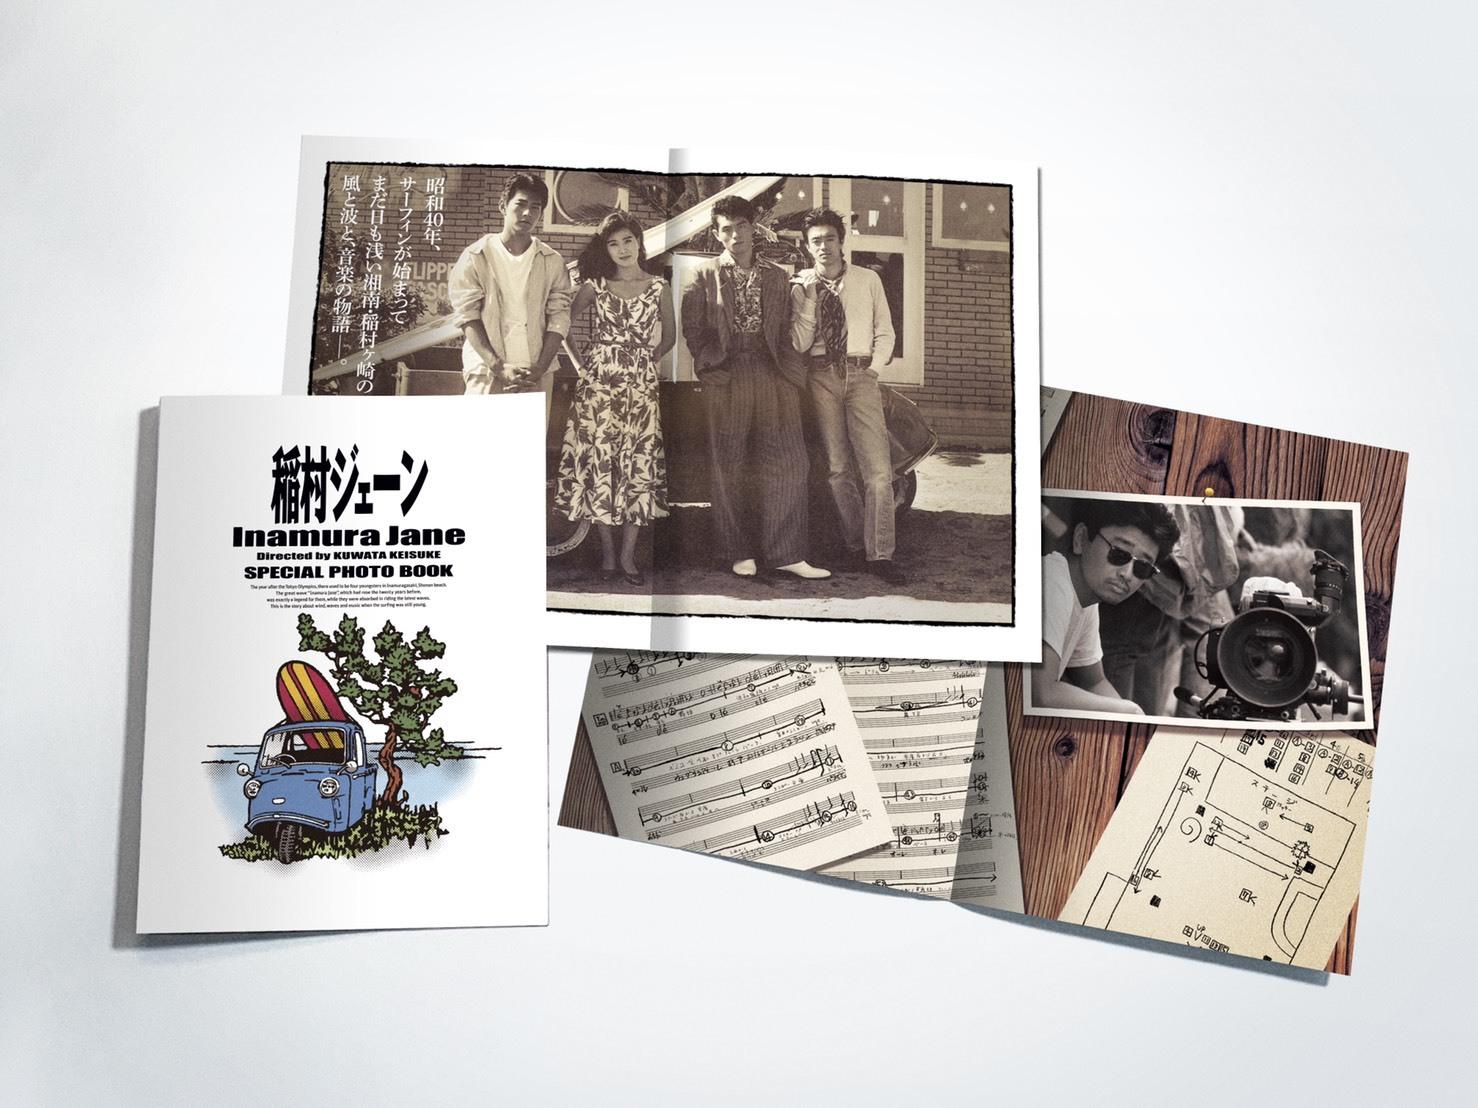 『稲村ジェーン』PHOTO BOOKサンプル画像